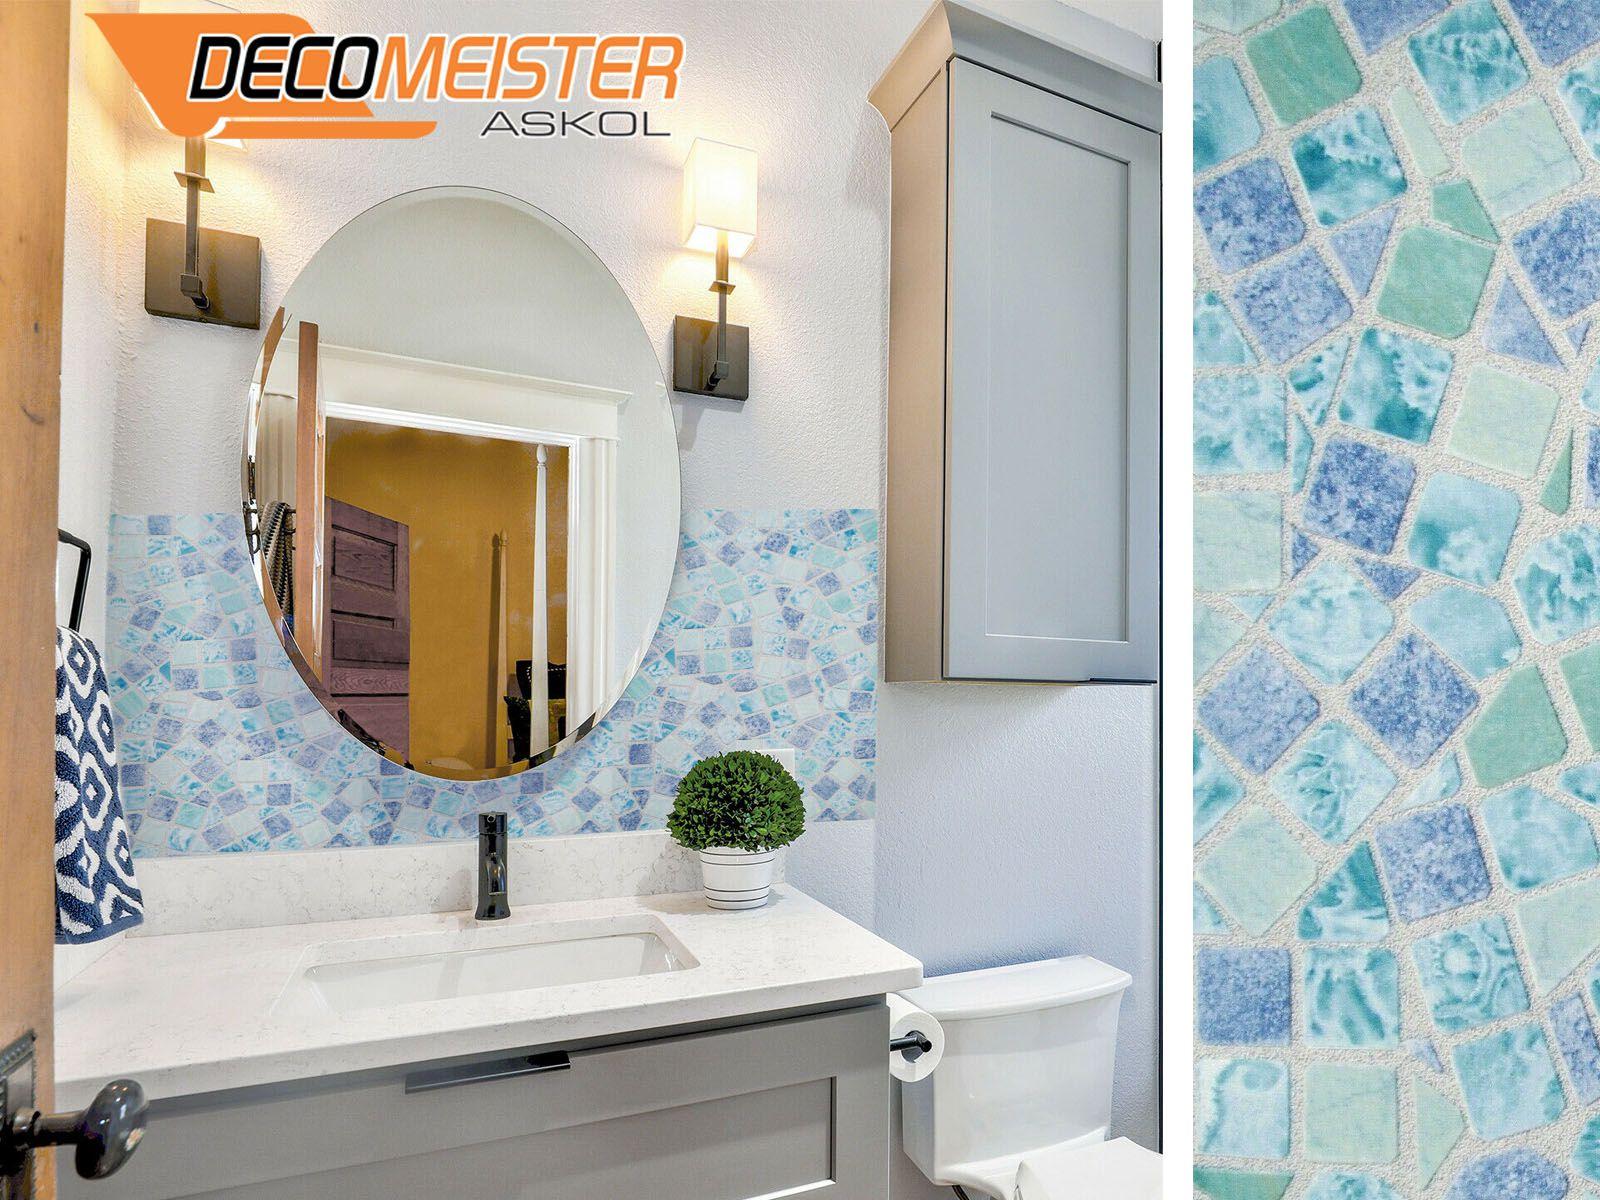 Details Zu Klebefolie 10 M Gekkofix Mosaik Blau Mobel Selbstklebefolie Marmor Fototapete Klebefolie Blaue Mobel Fototapete